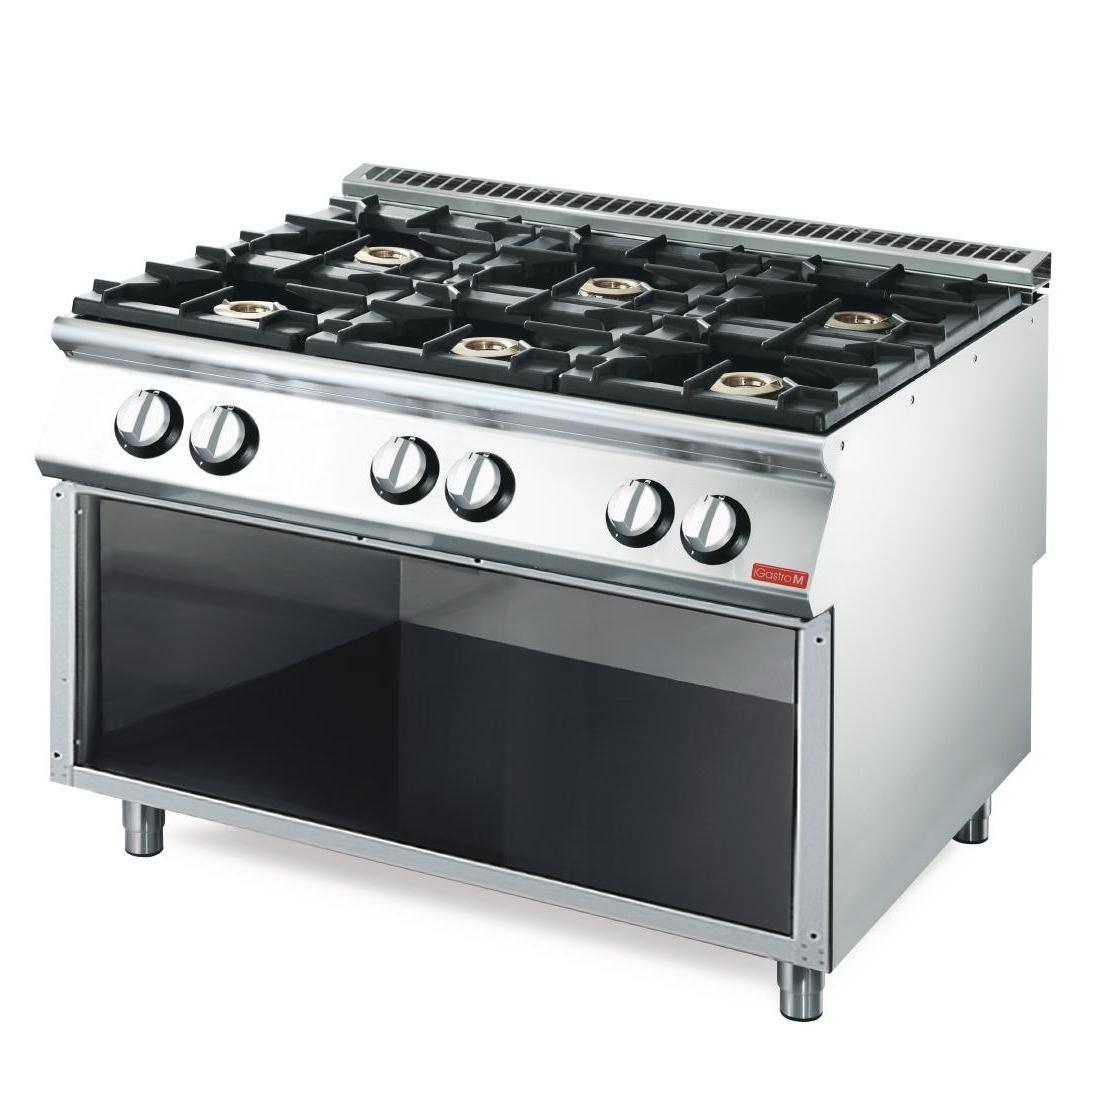 Cocina a Gas de 6 fuegos VS70/120PCG Línea 700 Gastro M GN082